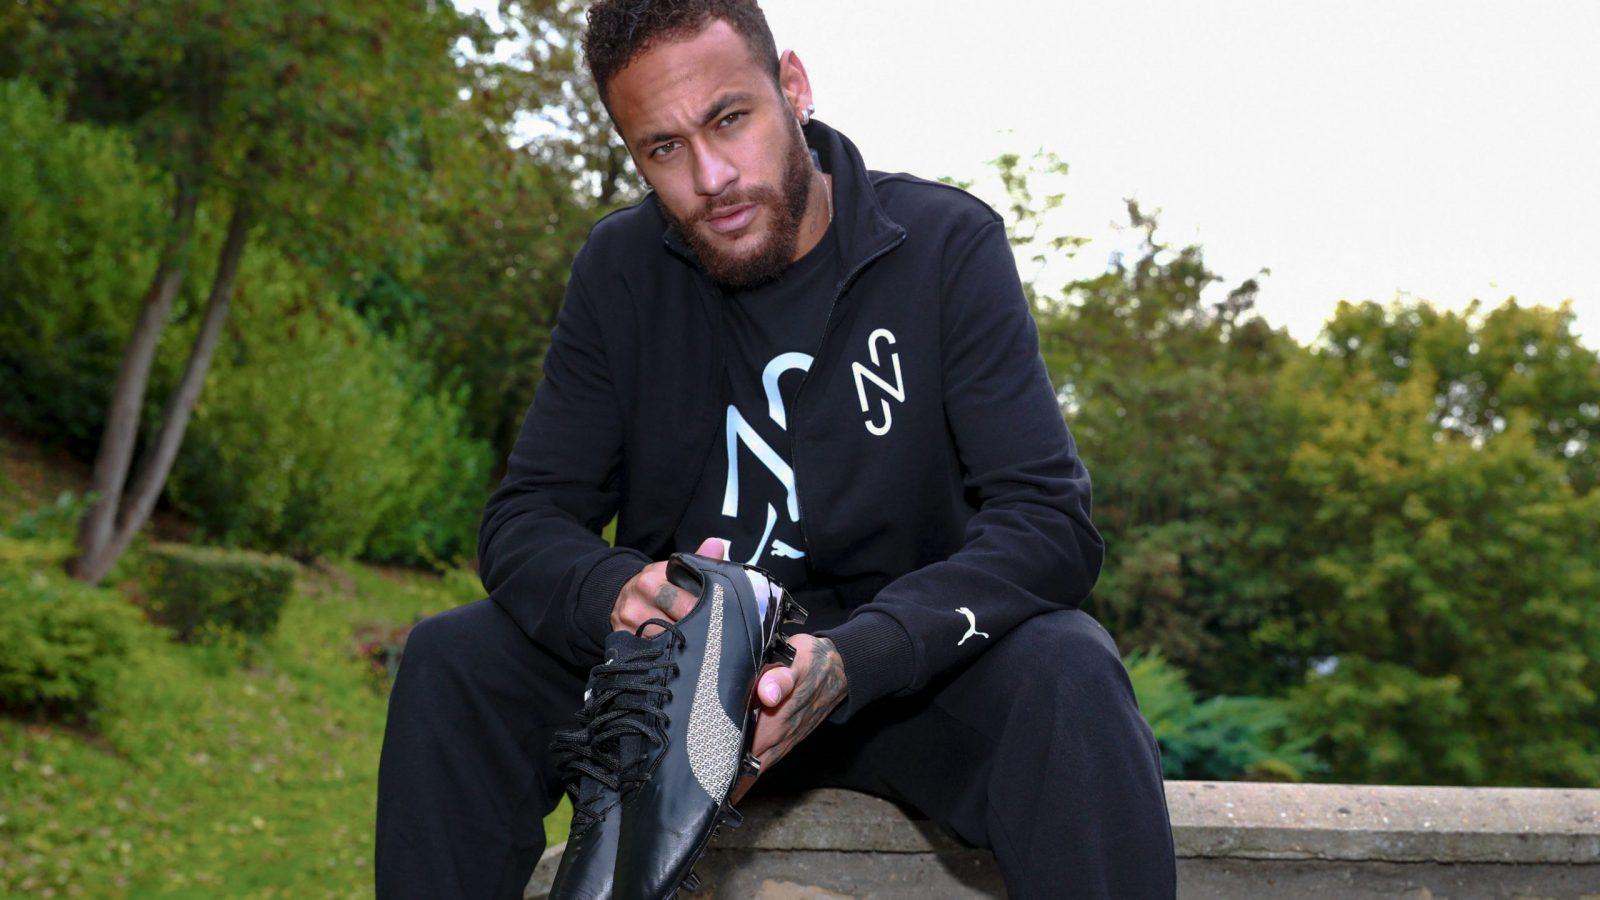 PUMA crea la colección de botas de fútbol PUMA x NEYMAR JR.